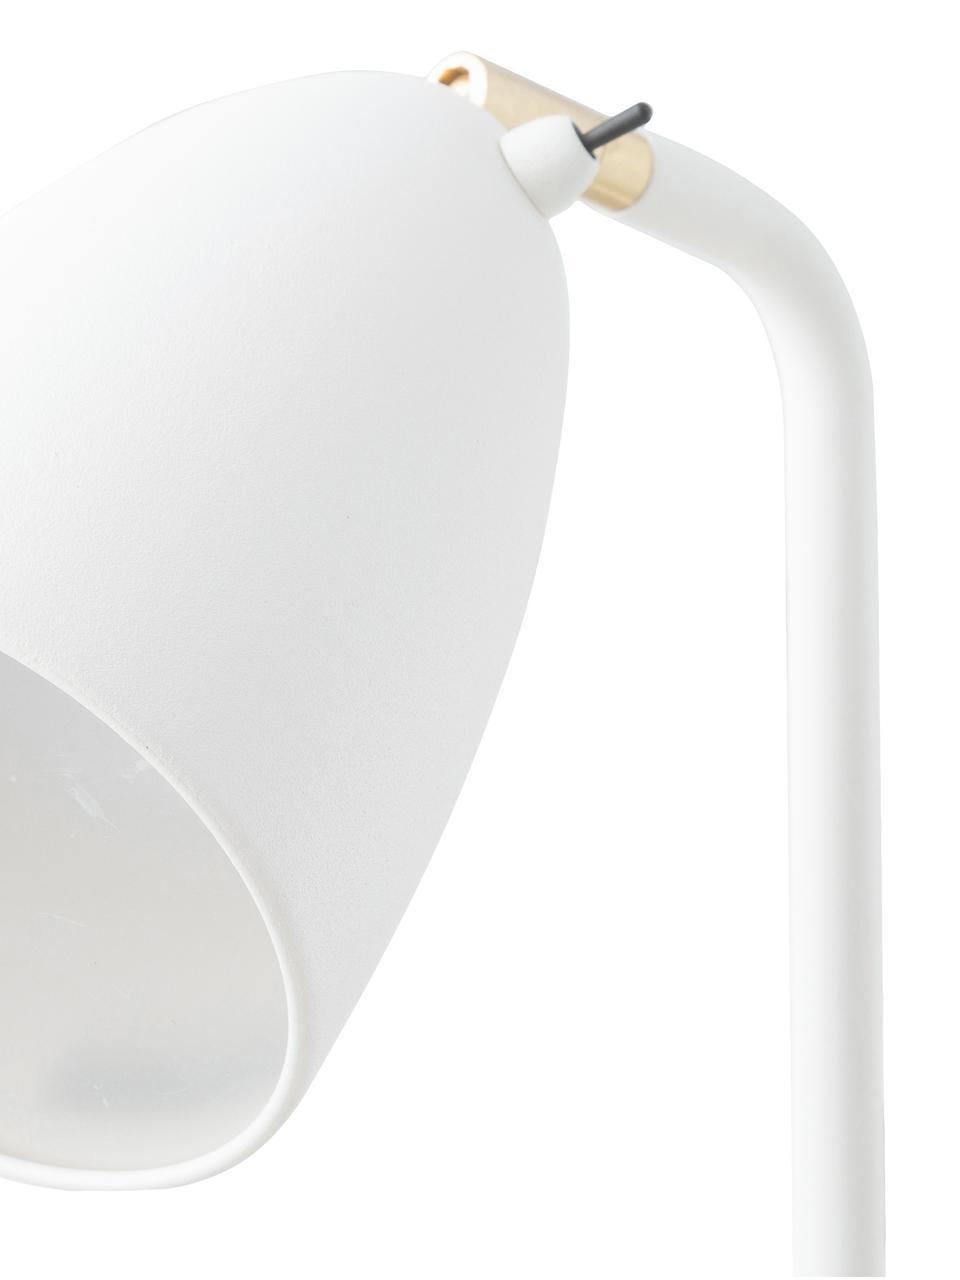 Lampa podłogowa LED Nexus 10, Kremowobiały, Ø 26 x W 142 cm